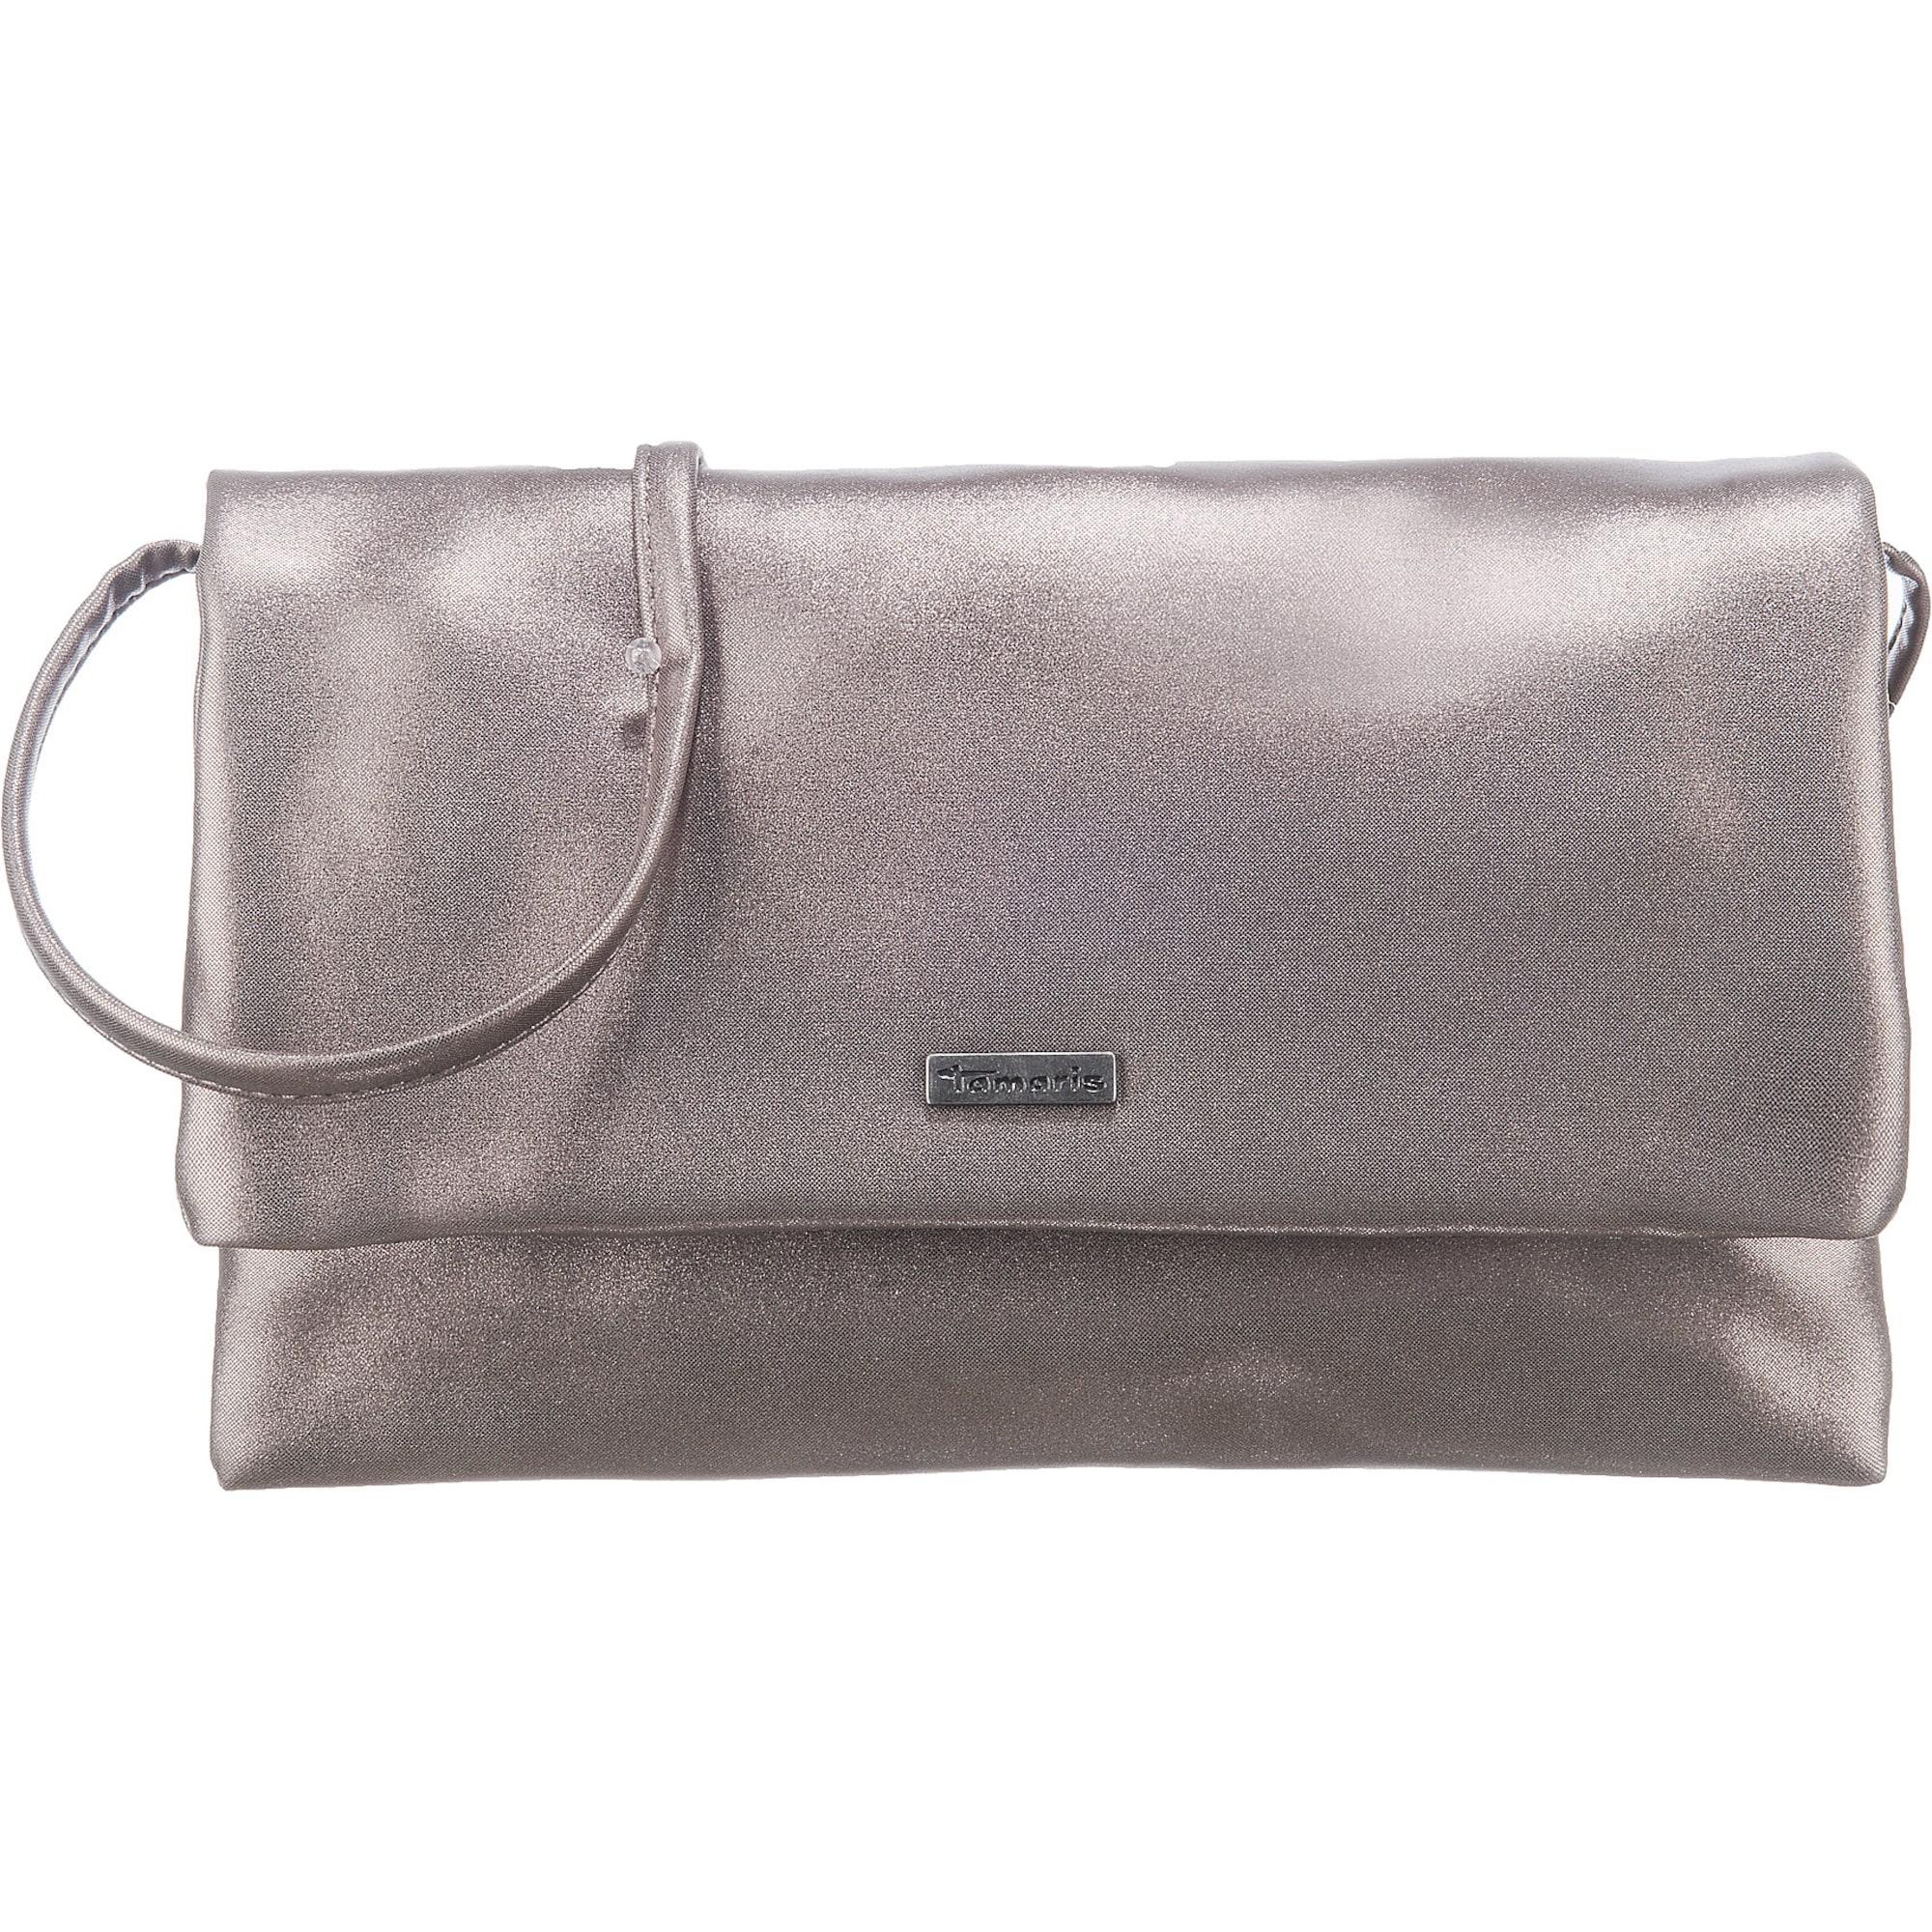 Abendtaschen 'Louise S' | Taschen > Handtaschen > Abendtaschen | Gold | tamaris